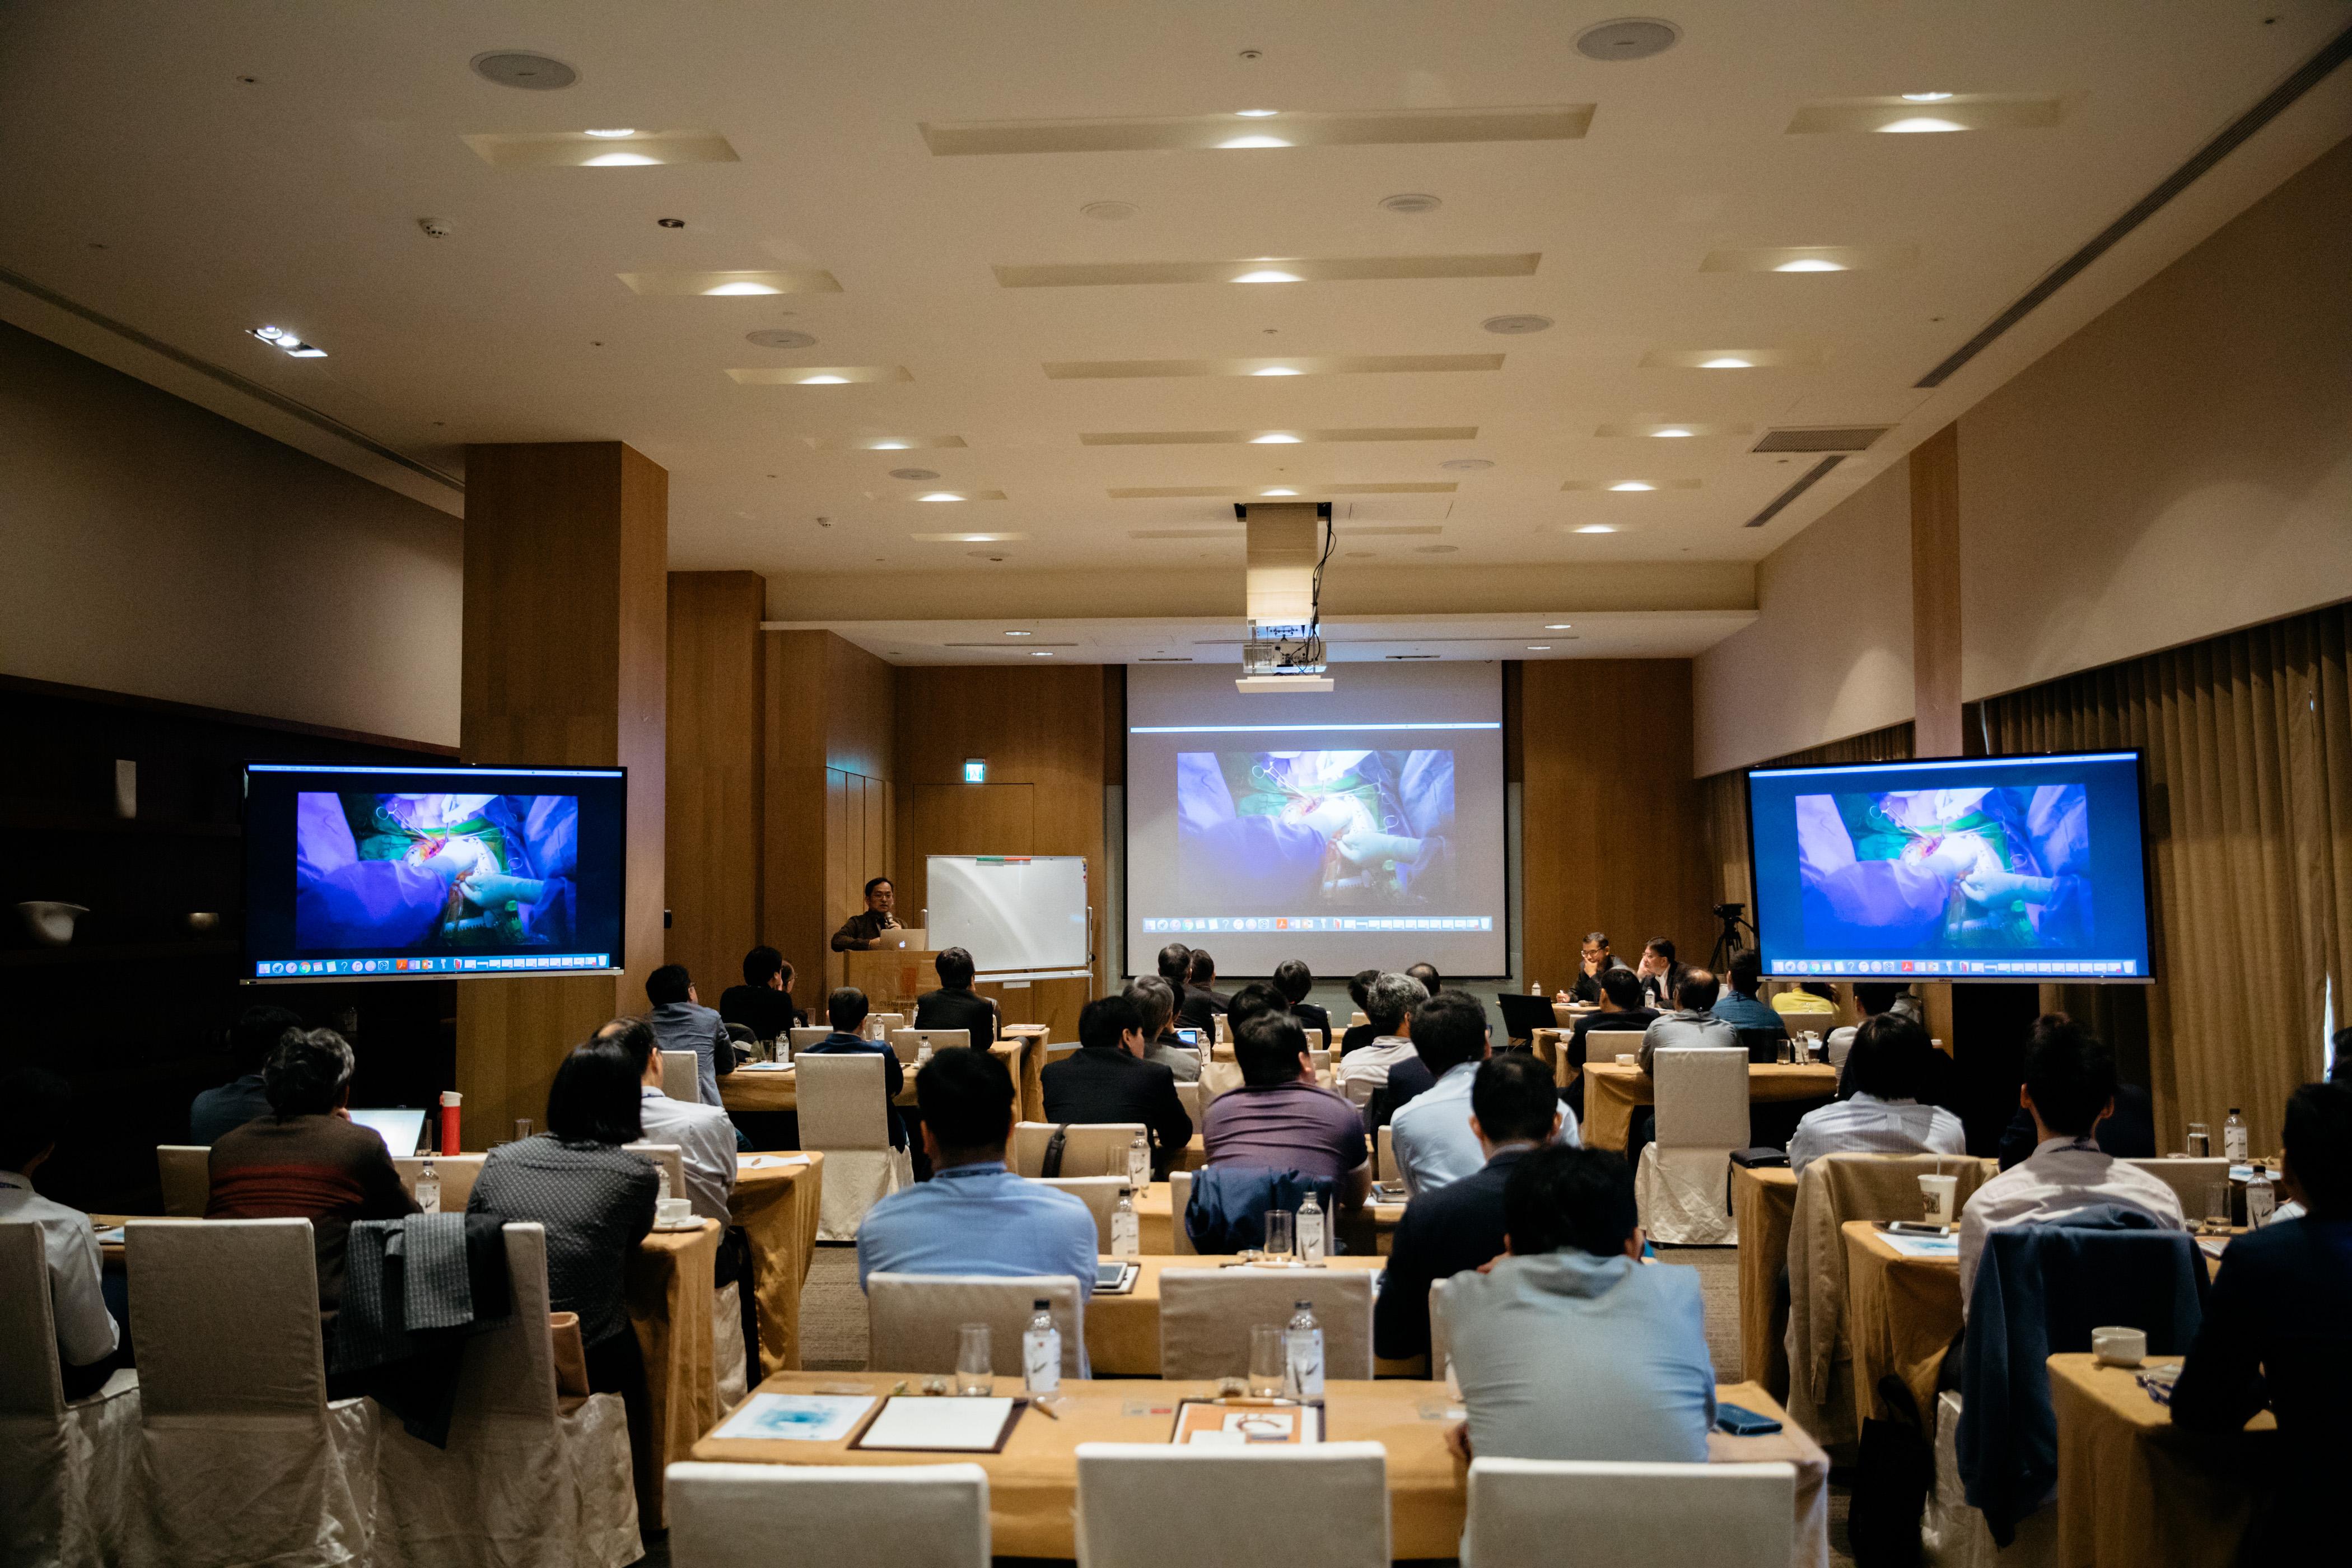 振興醫院心臟醫學中心團隊除定期內部開會外,並每年舉辦國際會議,和海內外專家交流。